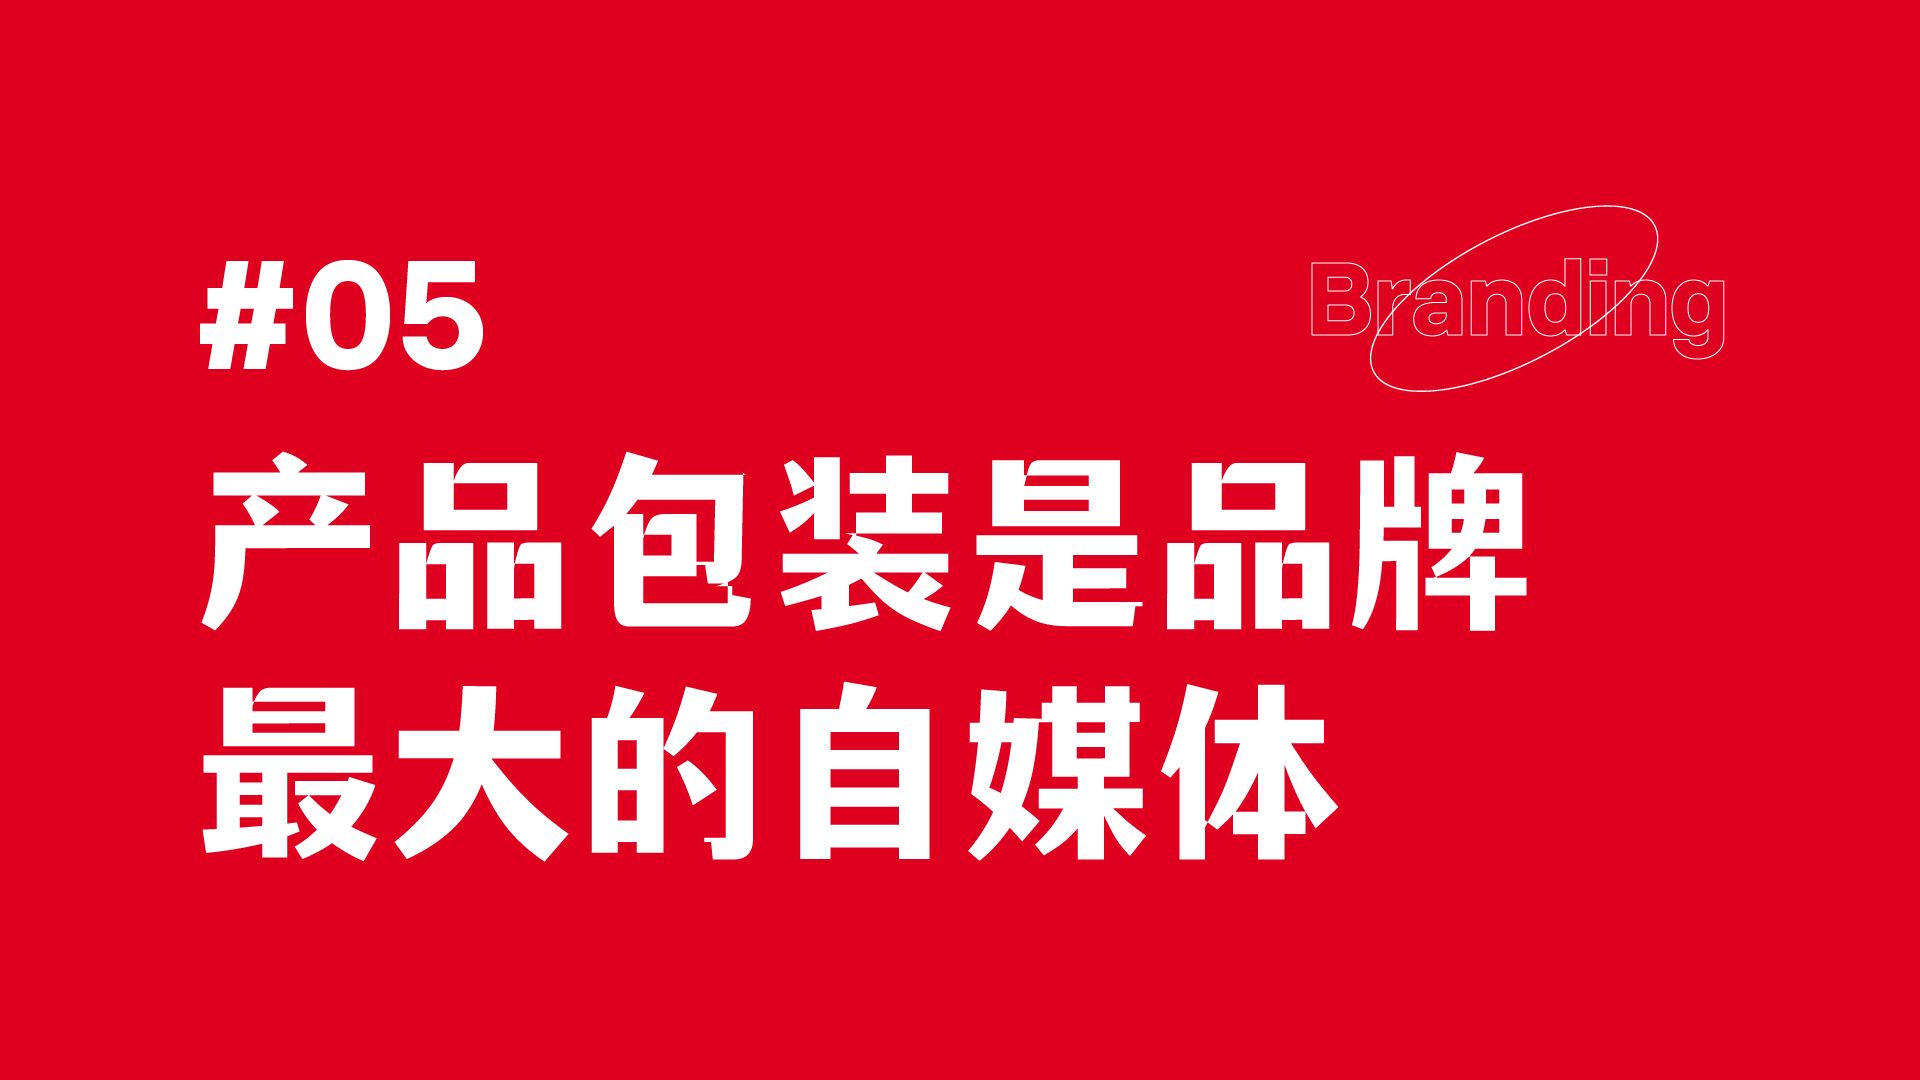 品牌形象就是品牌资产©方法论02-05.jpg